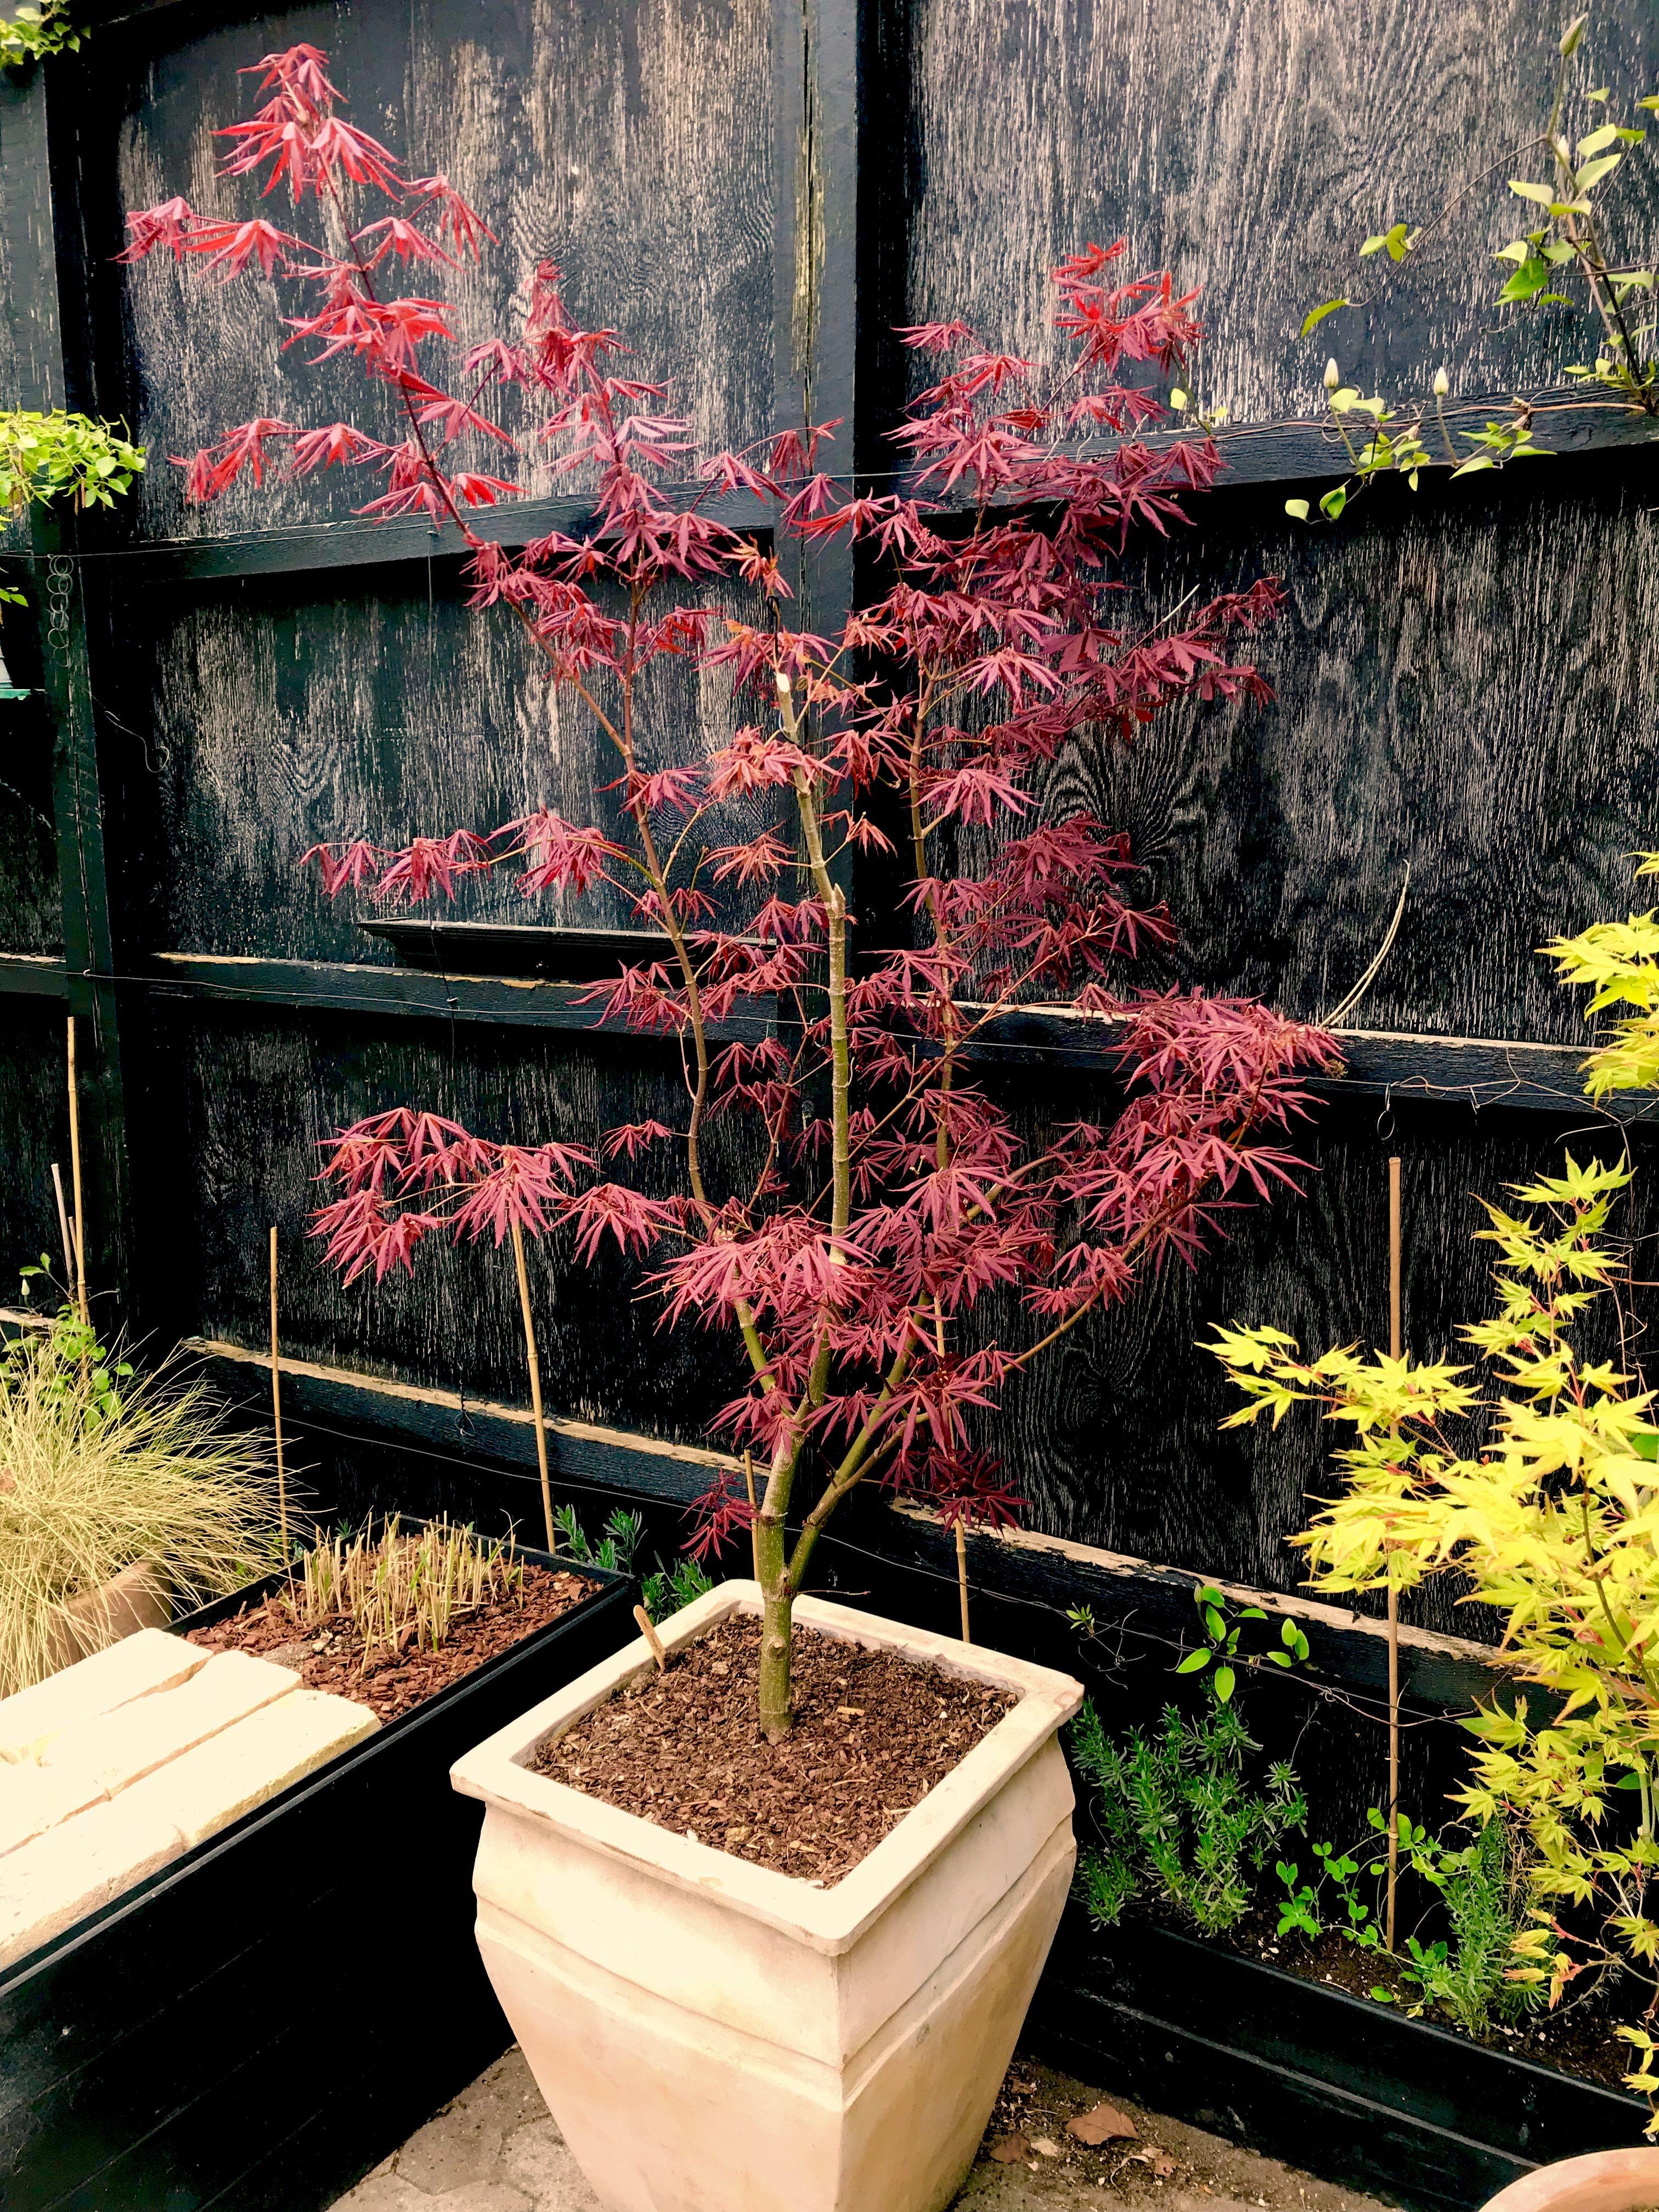 Acer Palmatum Sumi Nagashi Japanese Maple Japanese Maple Garden Red Maple Tree Japanese Maple